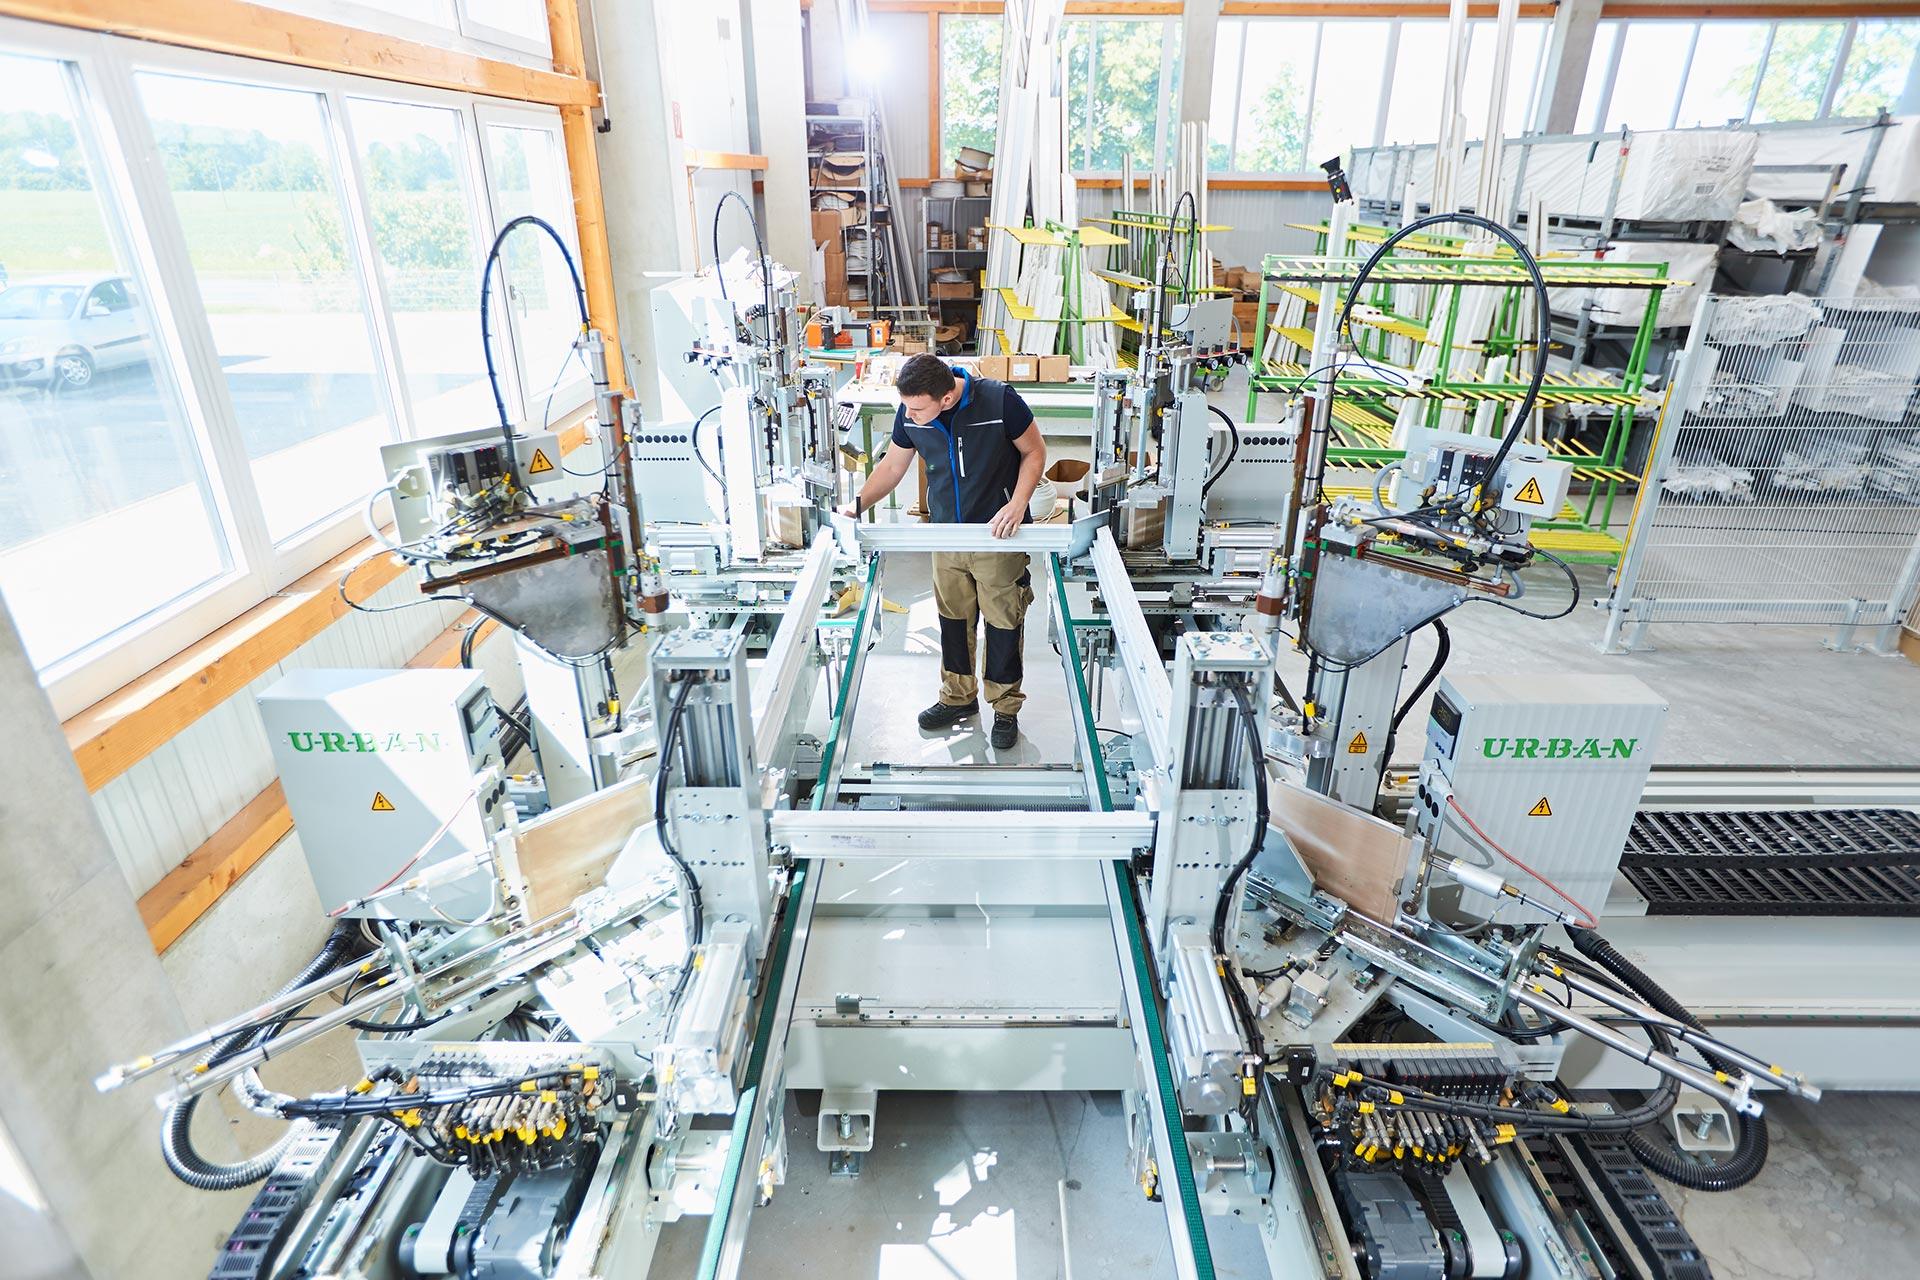 Full Size of Fenster Deko Weihnachten Licht Detail Dwg Fensterdeko Led Deutschland Hersteller Horizontal Schnitt Velbert Depot Startseite Krger Fensterbau Gmbh Fenster Fenster.de